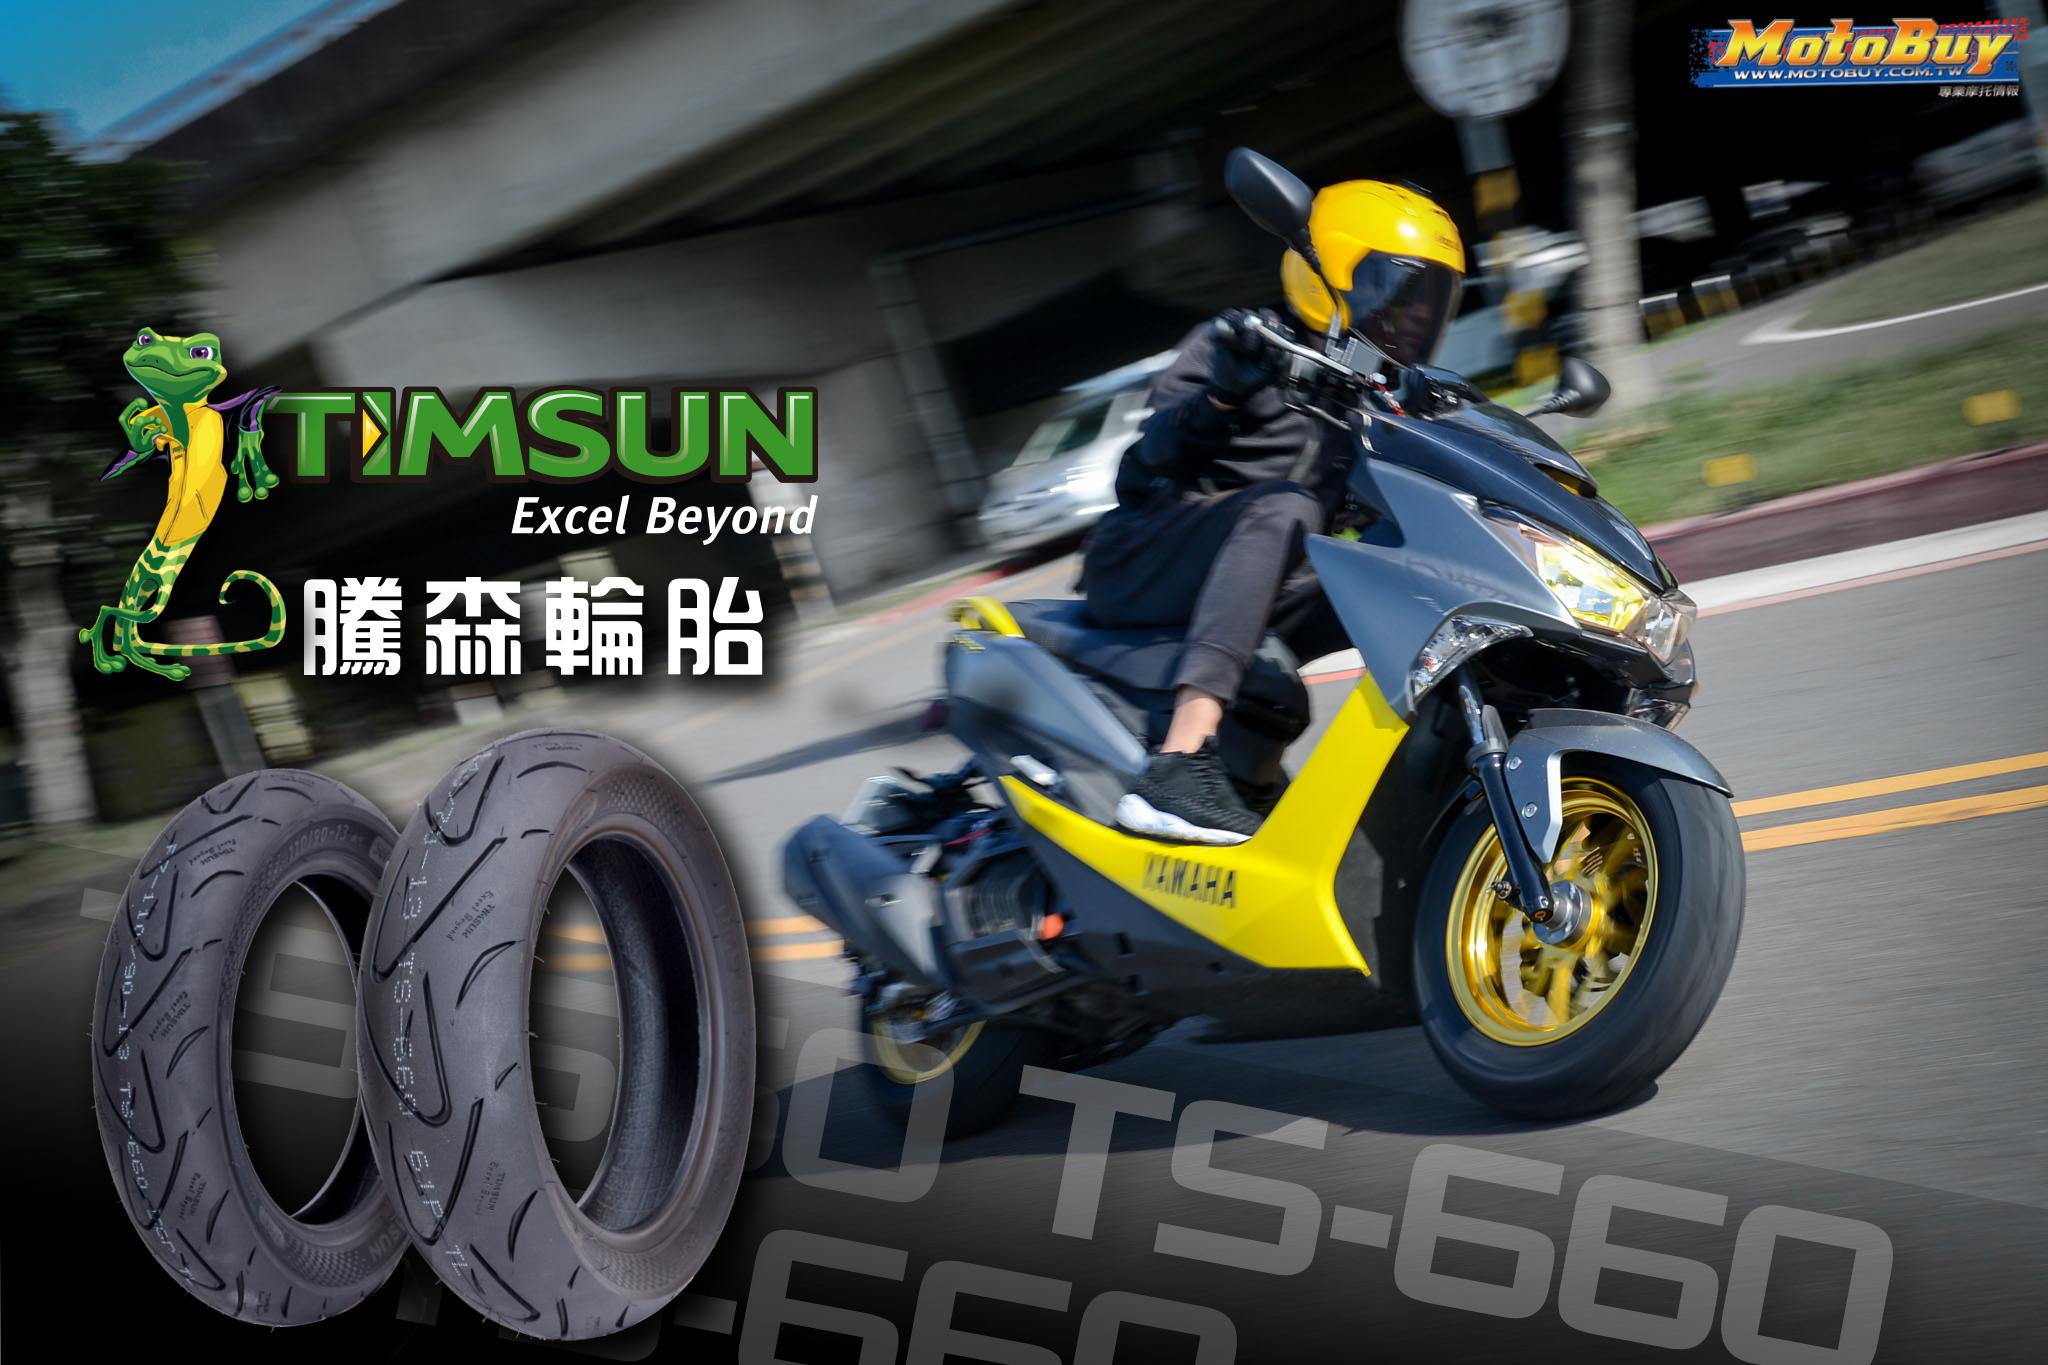 [部品情報] 傾角新體驗! - TS-660 騰森輪胎 | MotoBuy